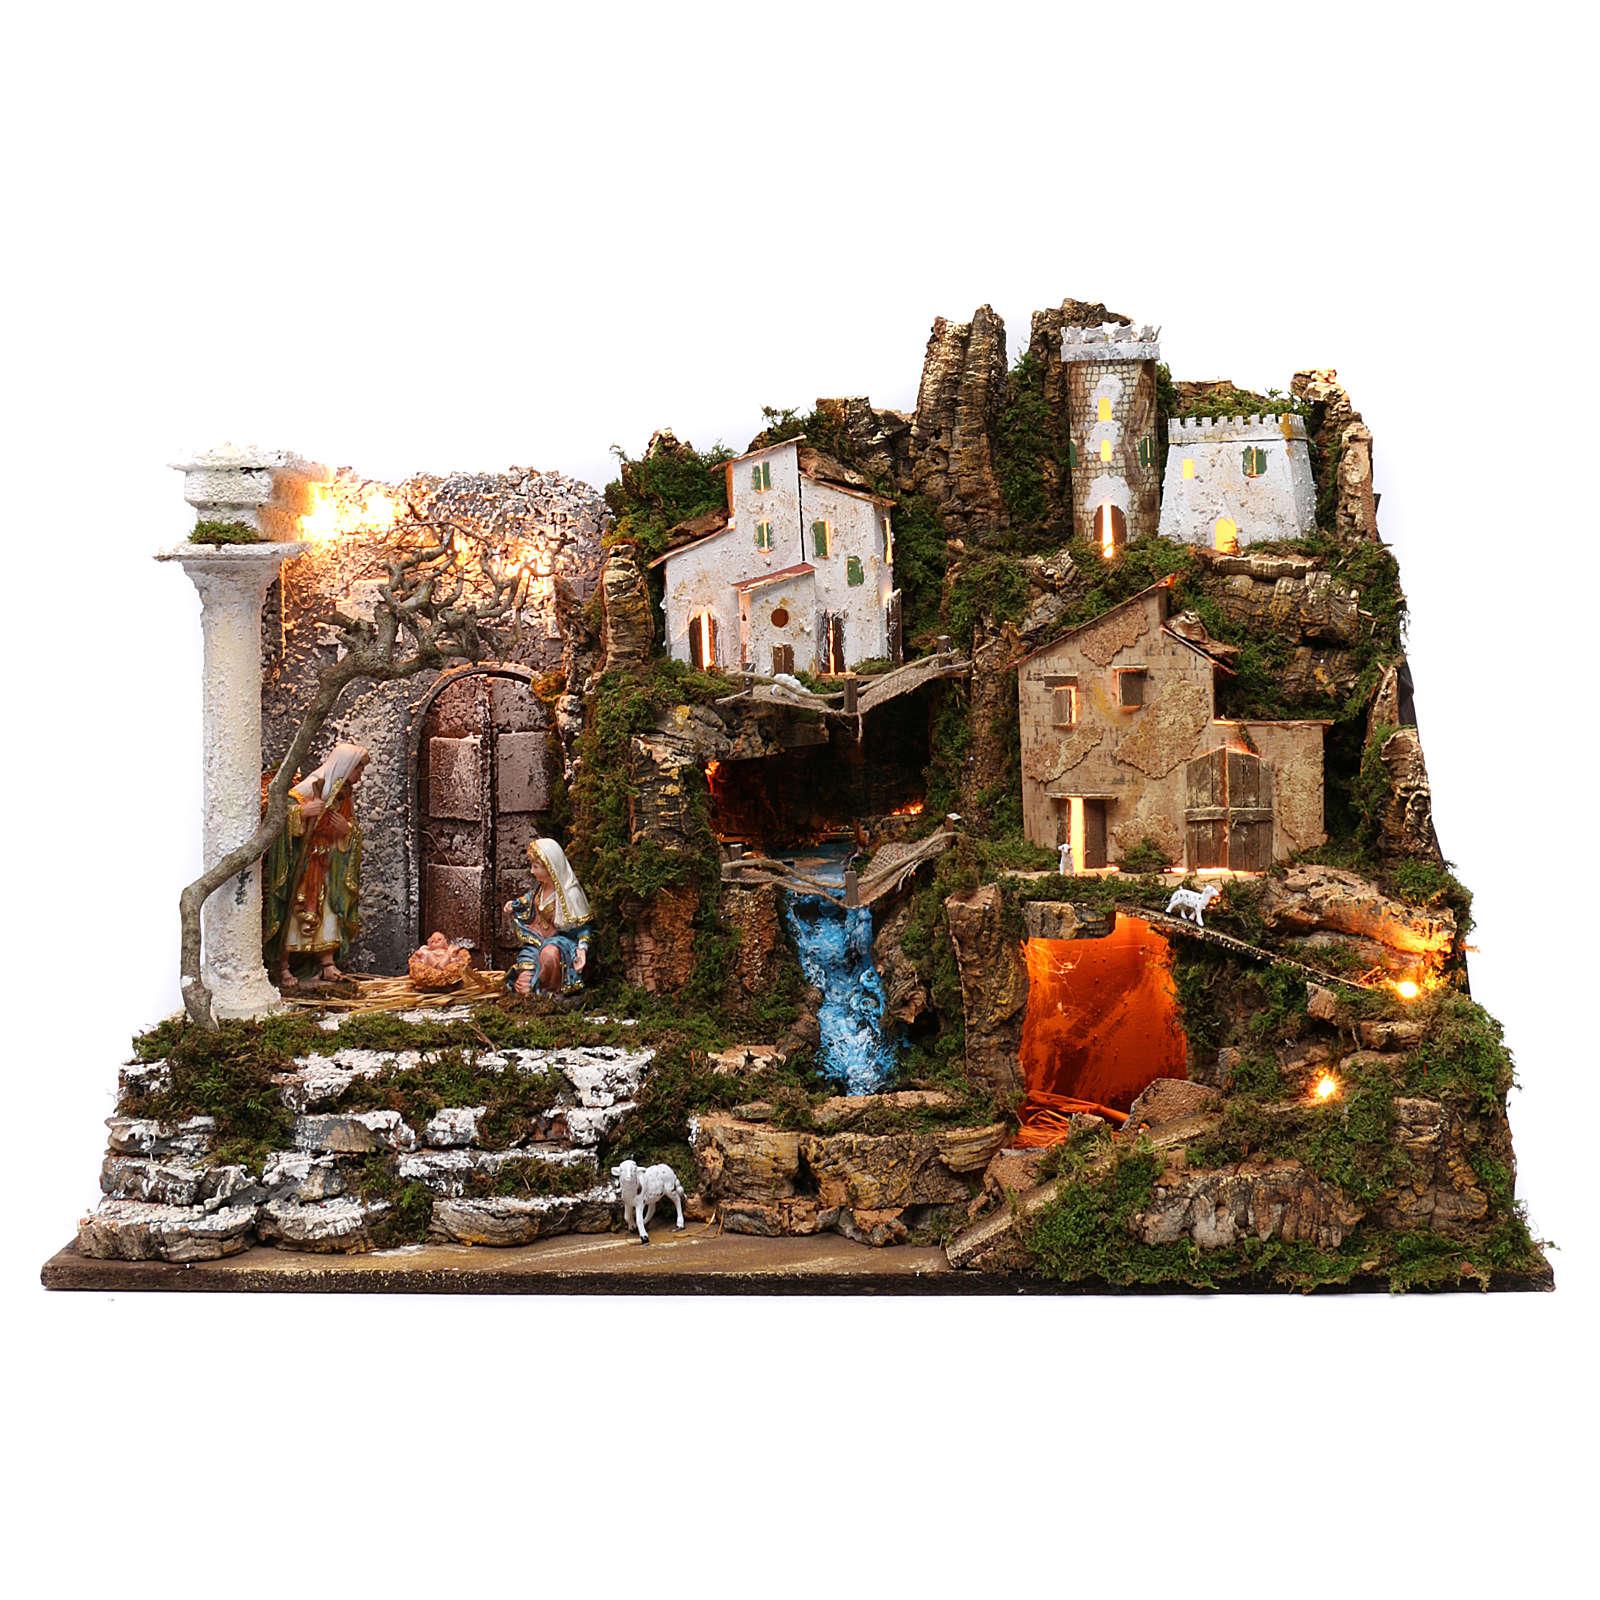 Villaggio con Natività e cascata 50x75x40 cm 4